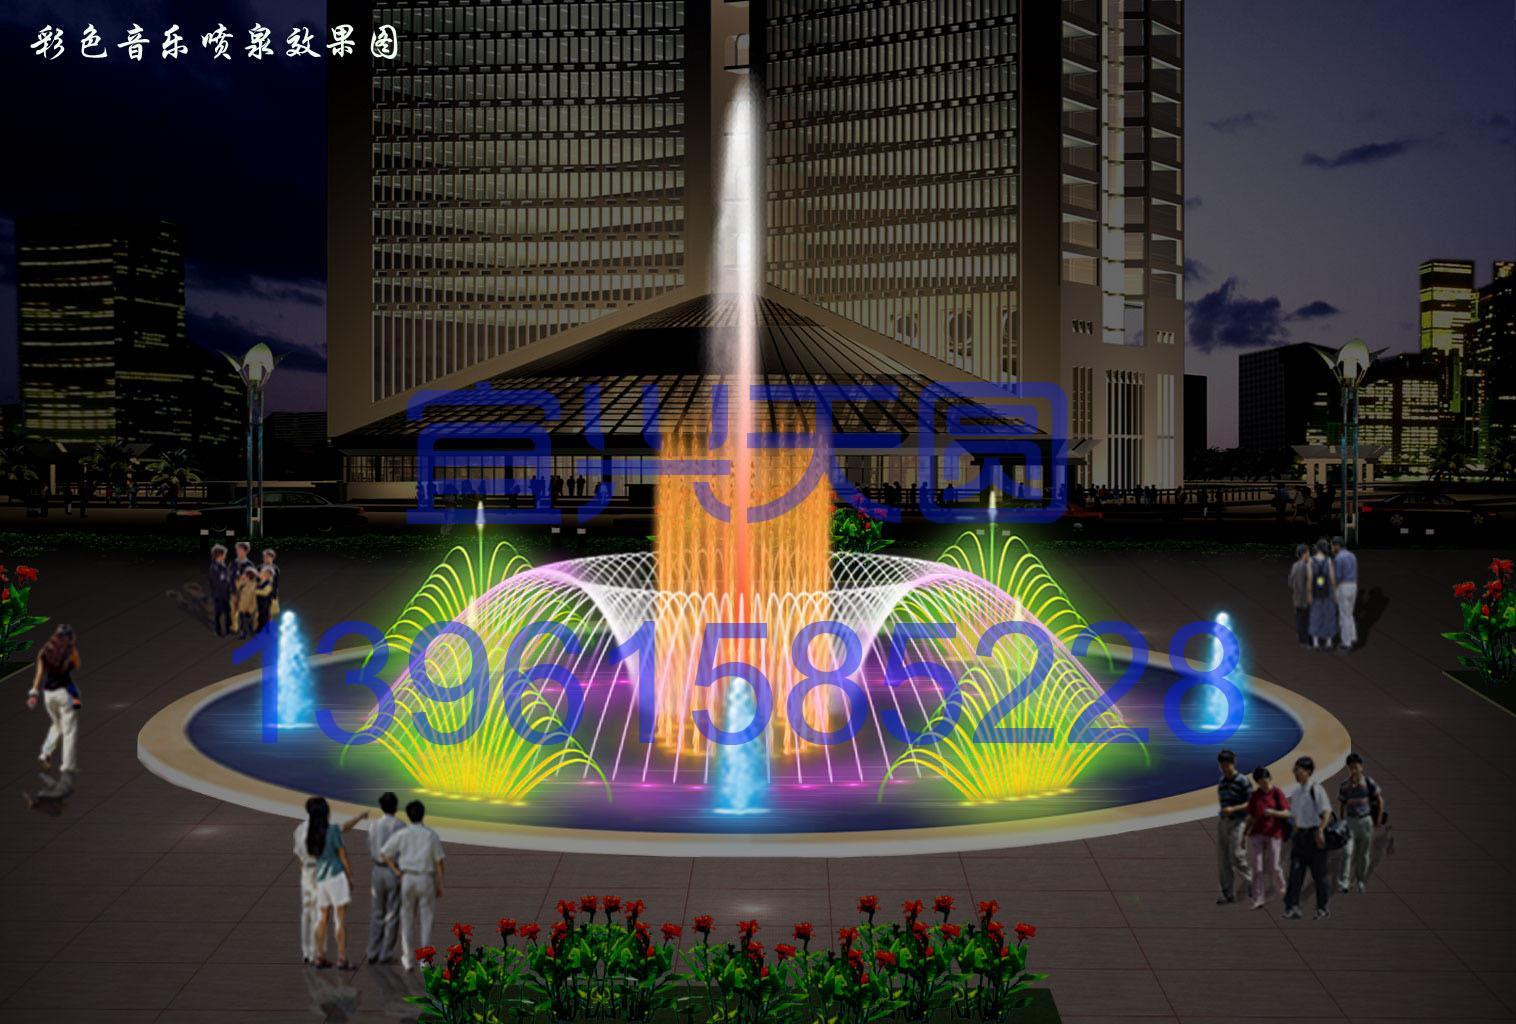 该项目处于江苏省姜堰市市政府广场,属于音乐广场喷泉